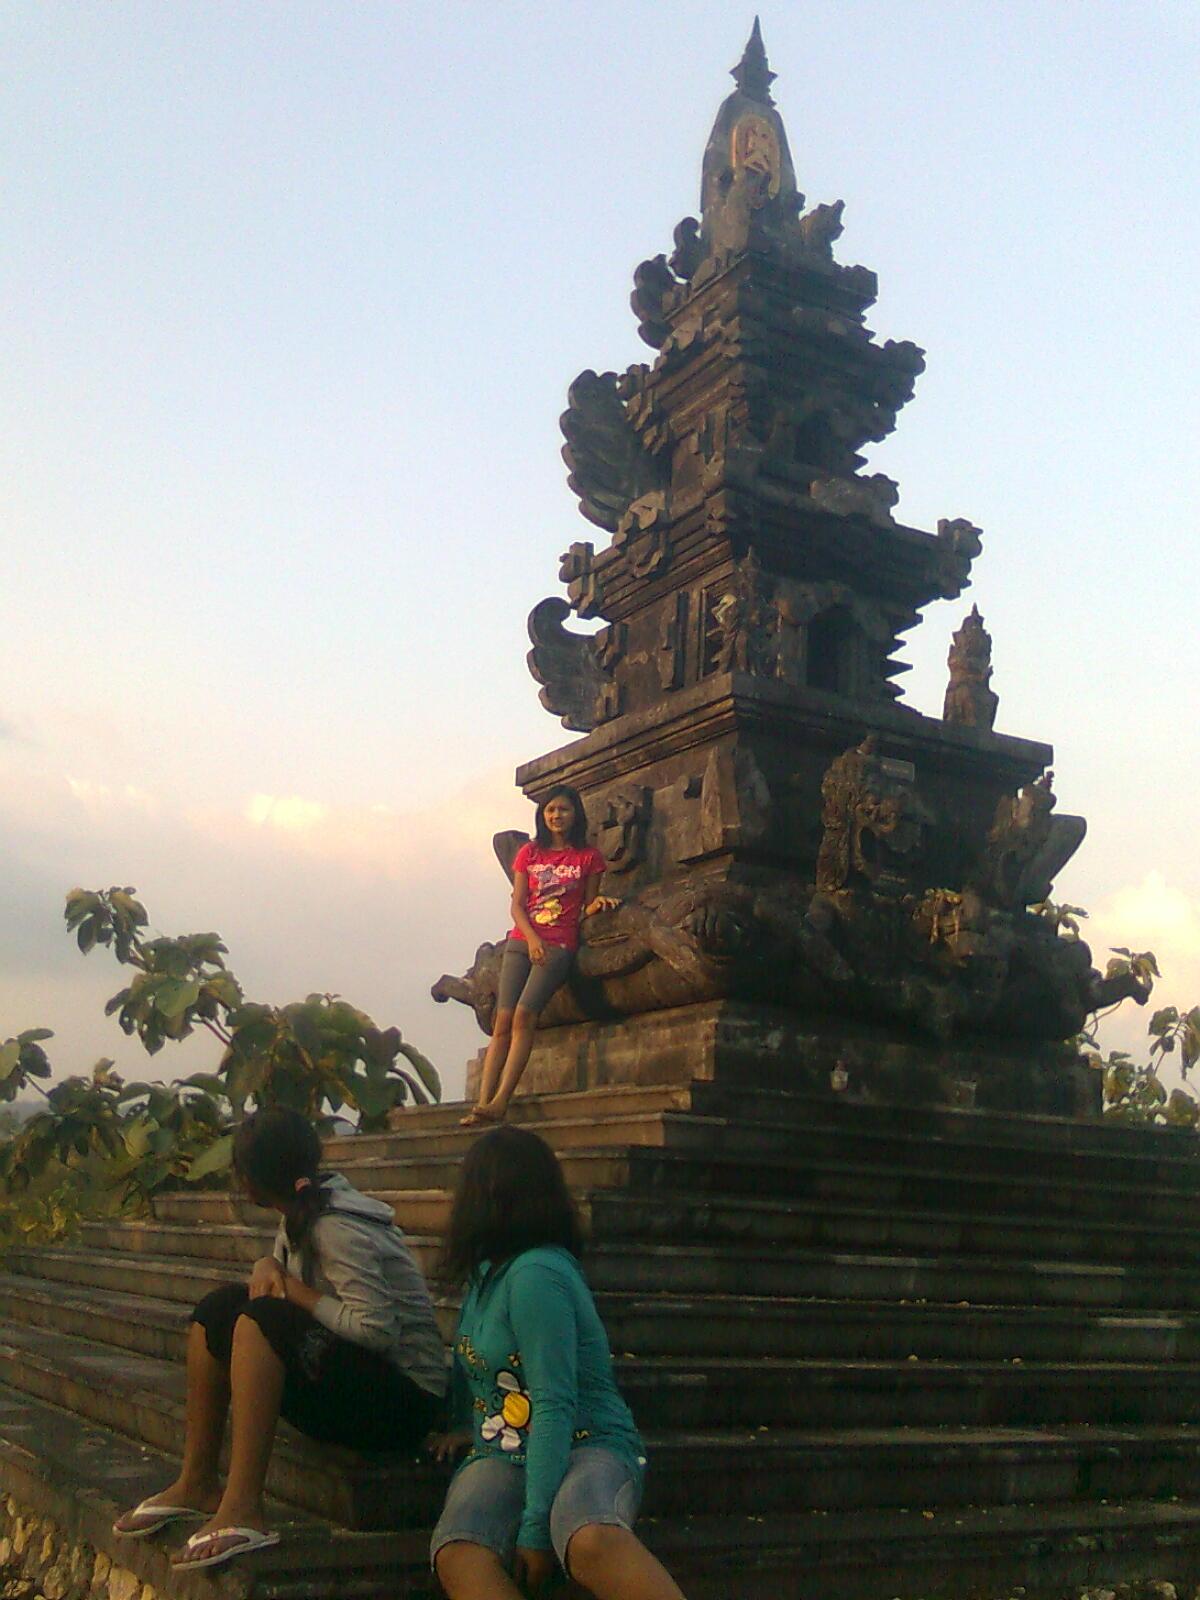 Putra Song Putri Juli 2015 Kabupaten Sragen Jawa Tengah Museum